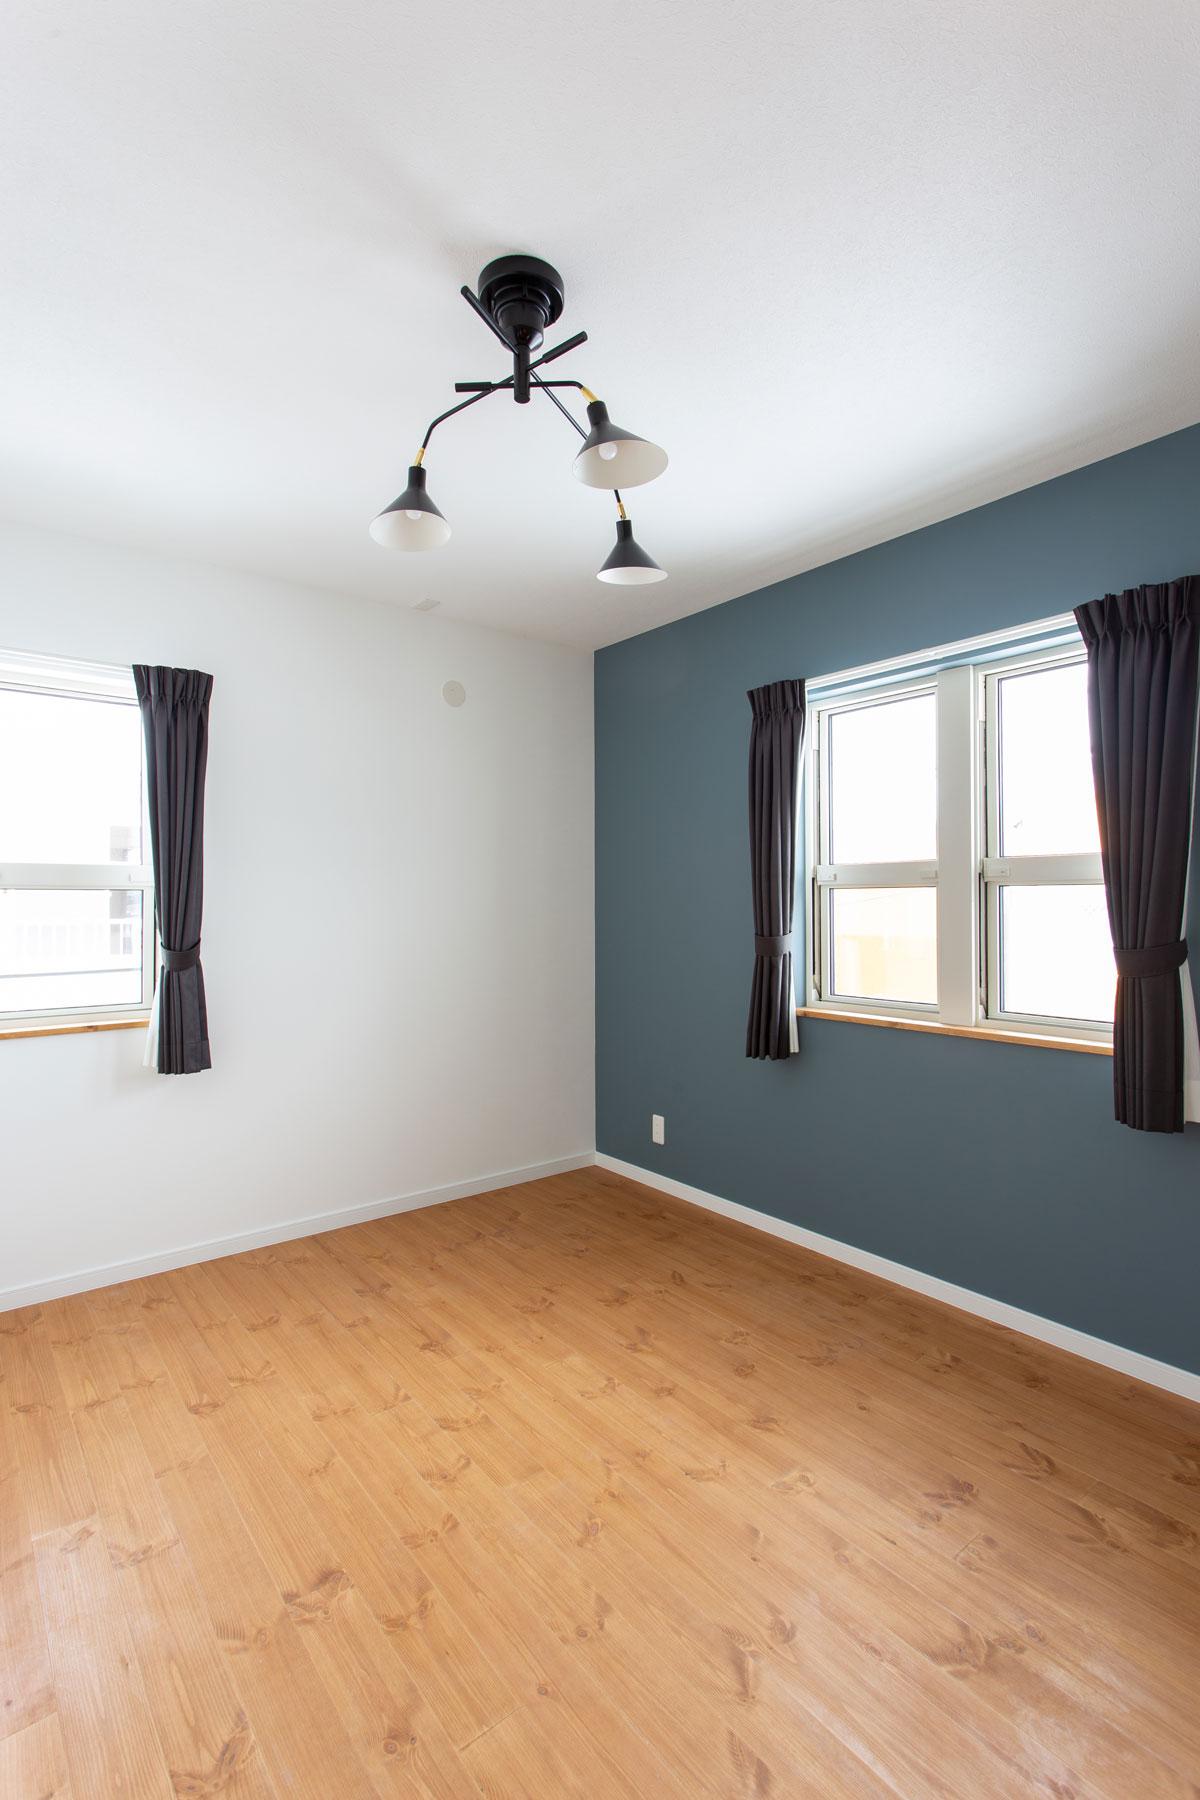 無垢の床と落ち着いたカラーリングの寝室